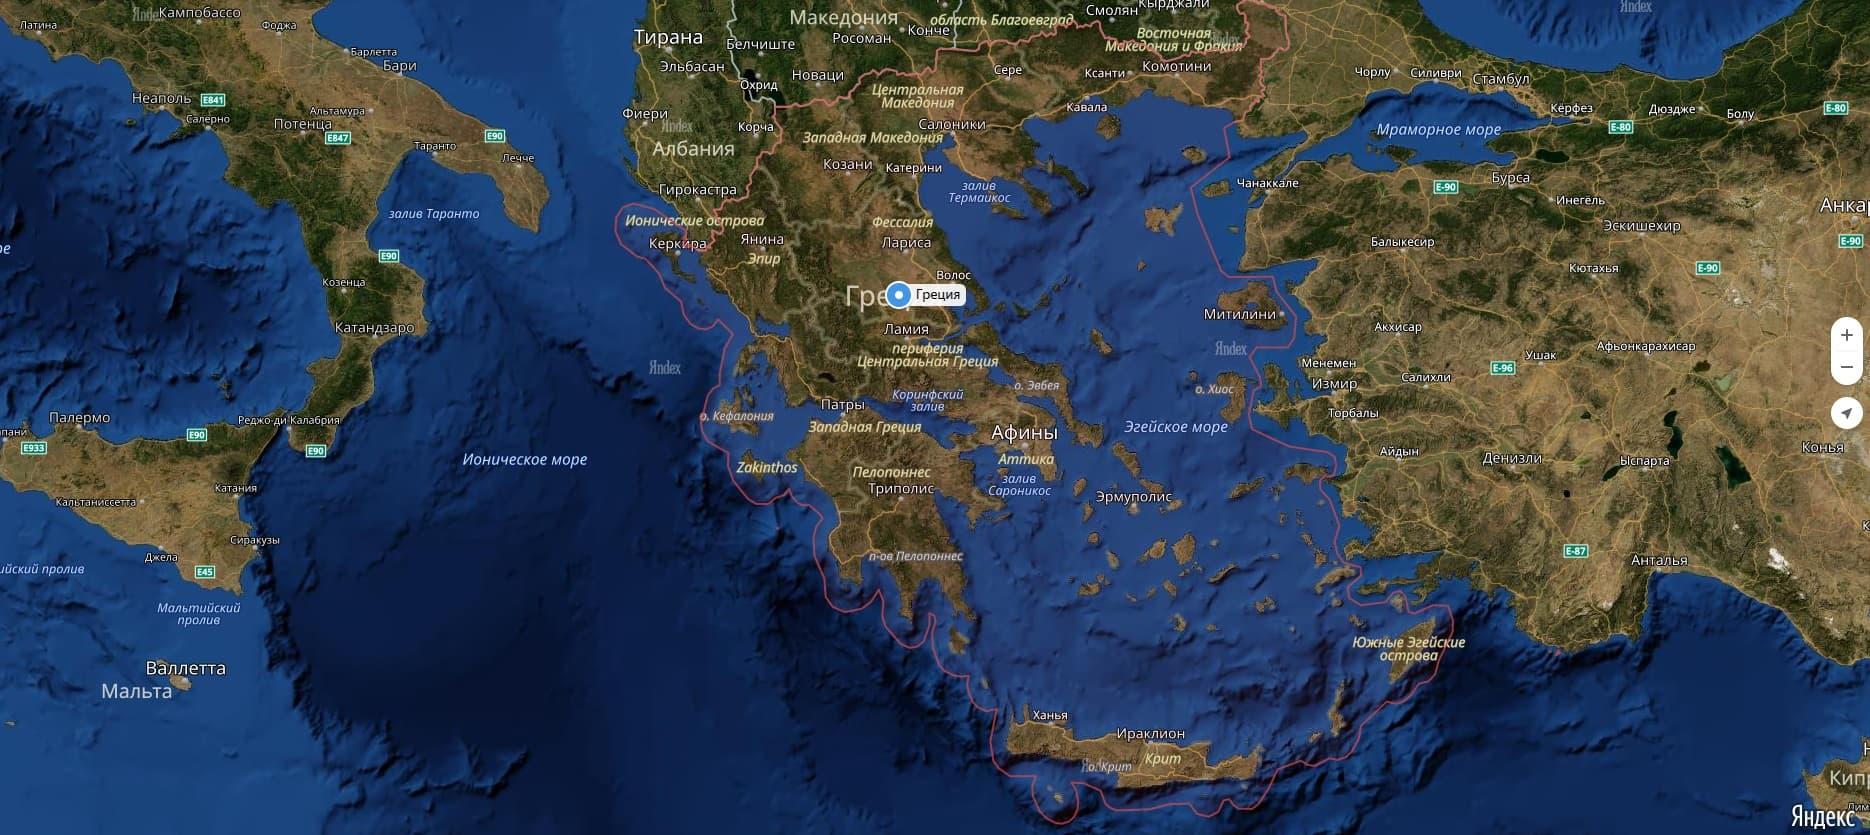 خريطة البر الرئيسي لليونان في أي شبه جزيرة تقع اليونان أين تقع اليونان اليونان على خريطة العالم